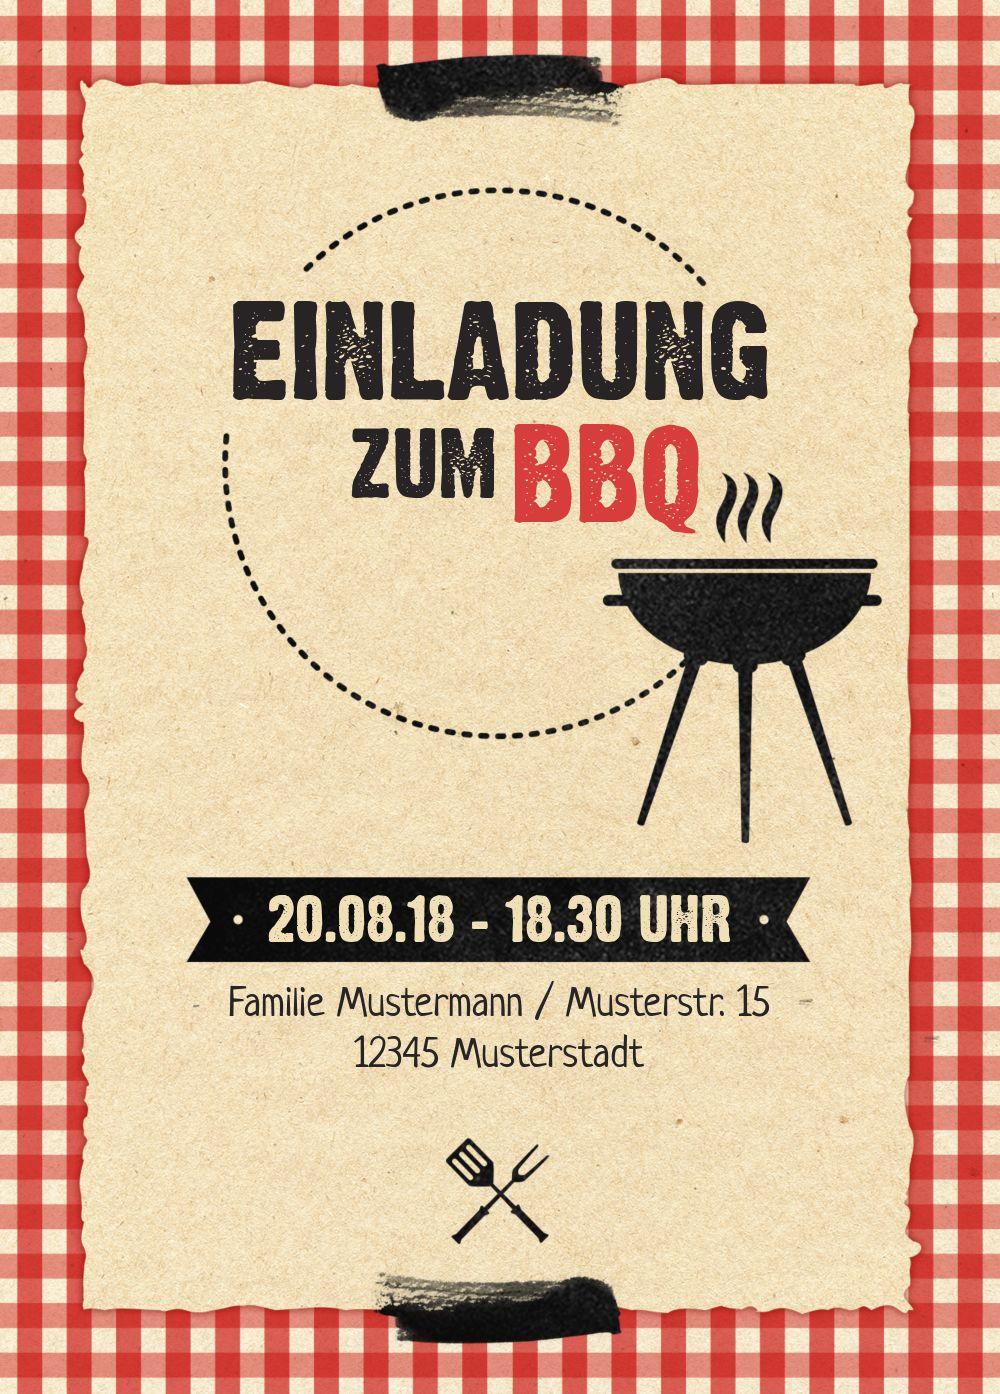 Ansicht 2 - Einladung Sommerfest BBQ